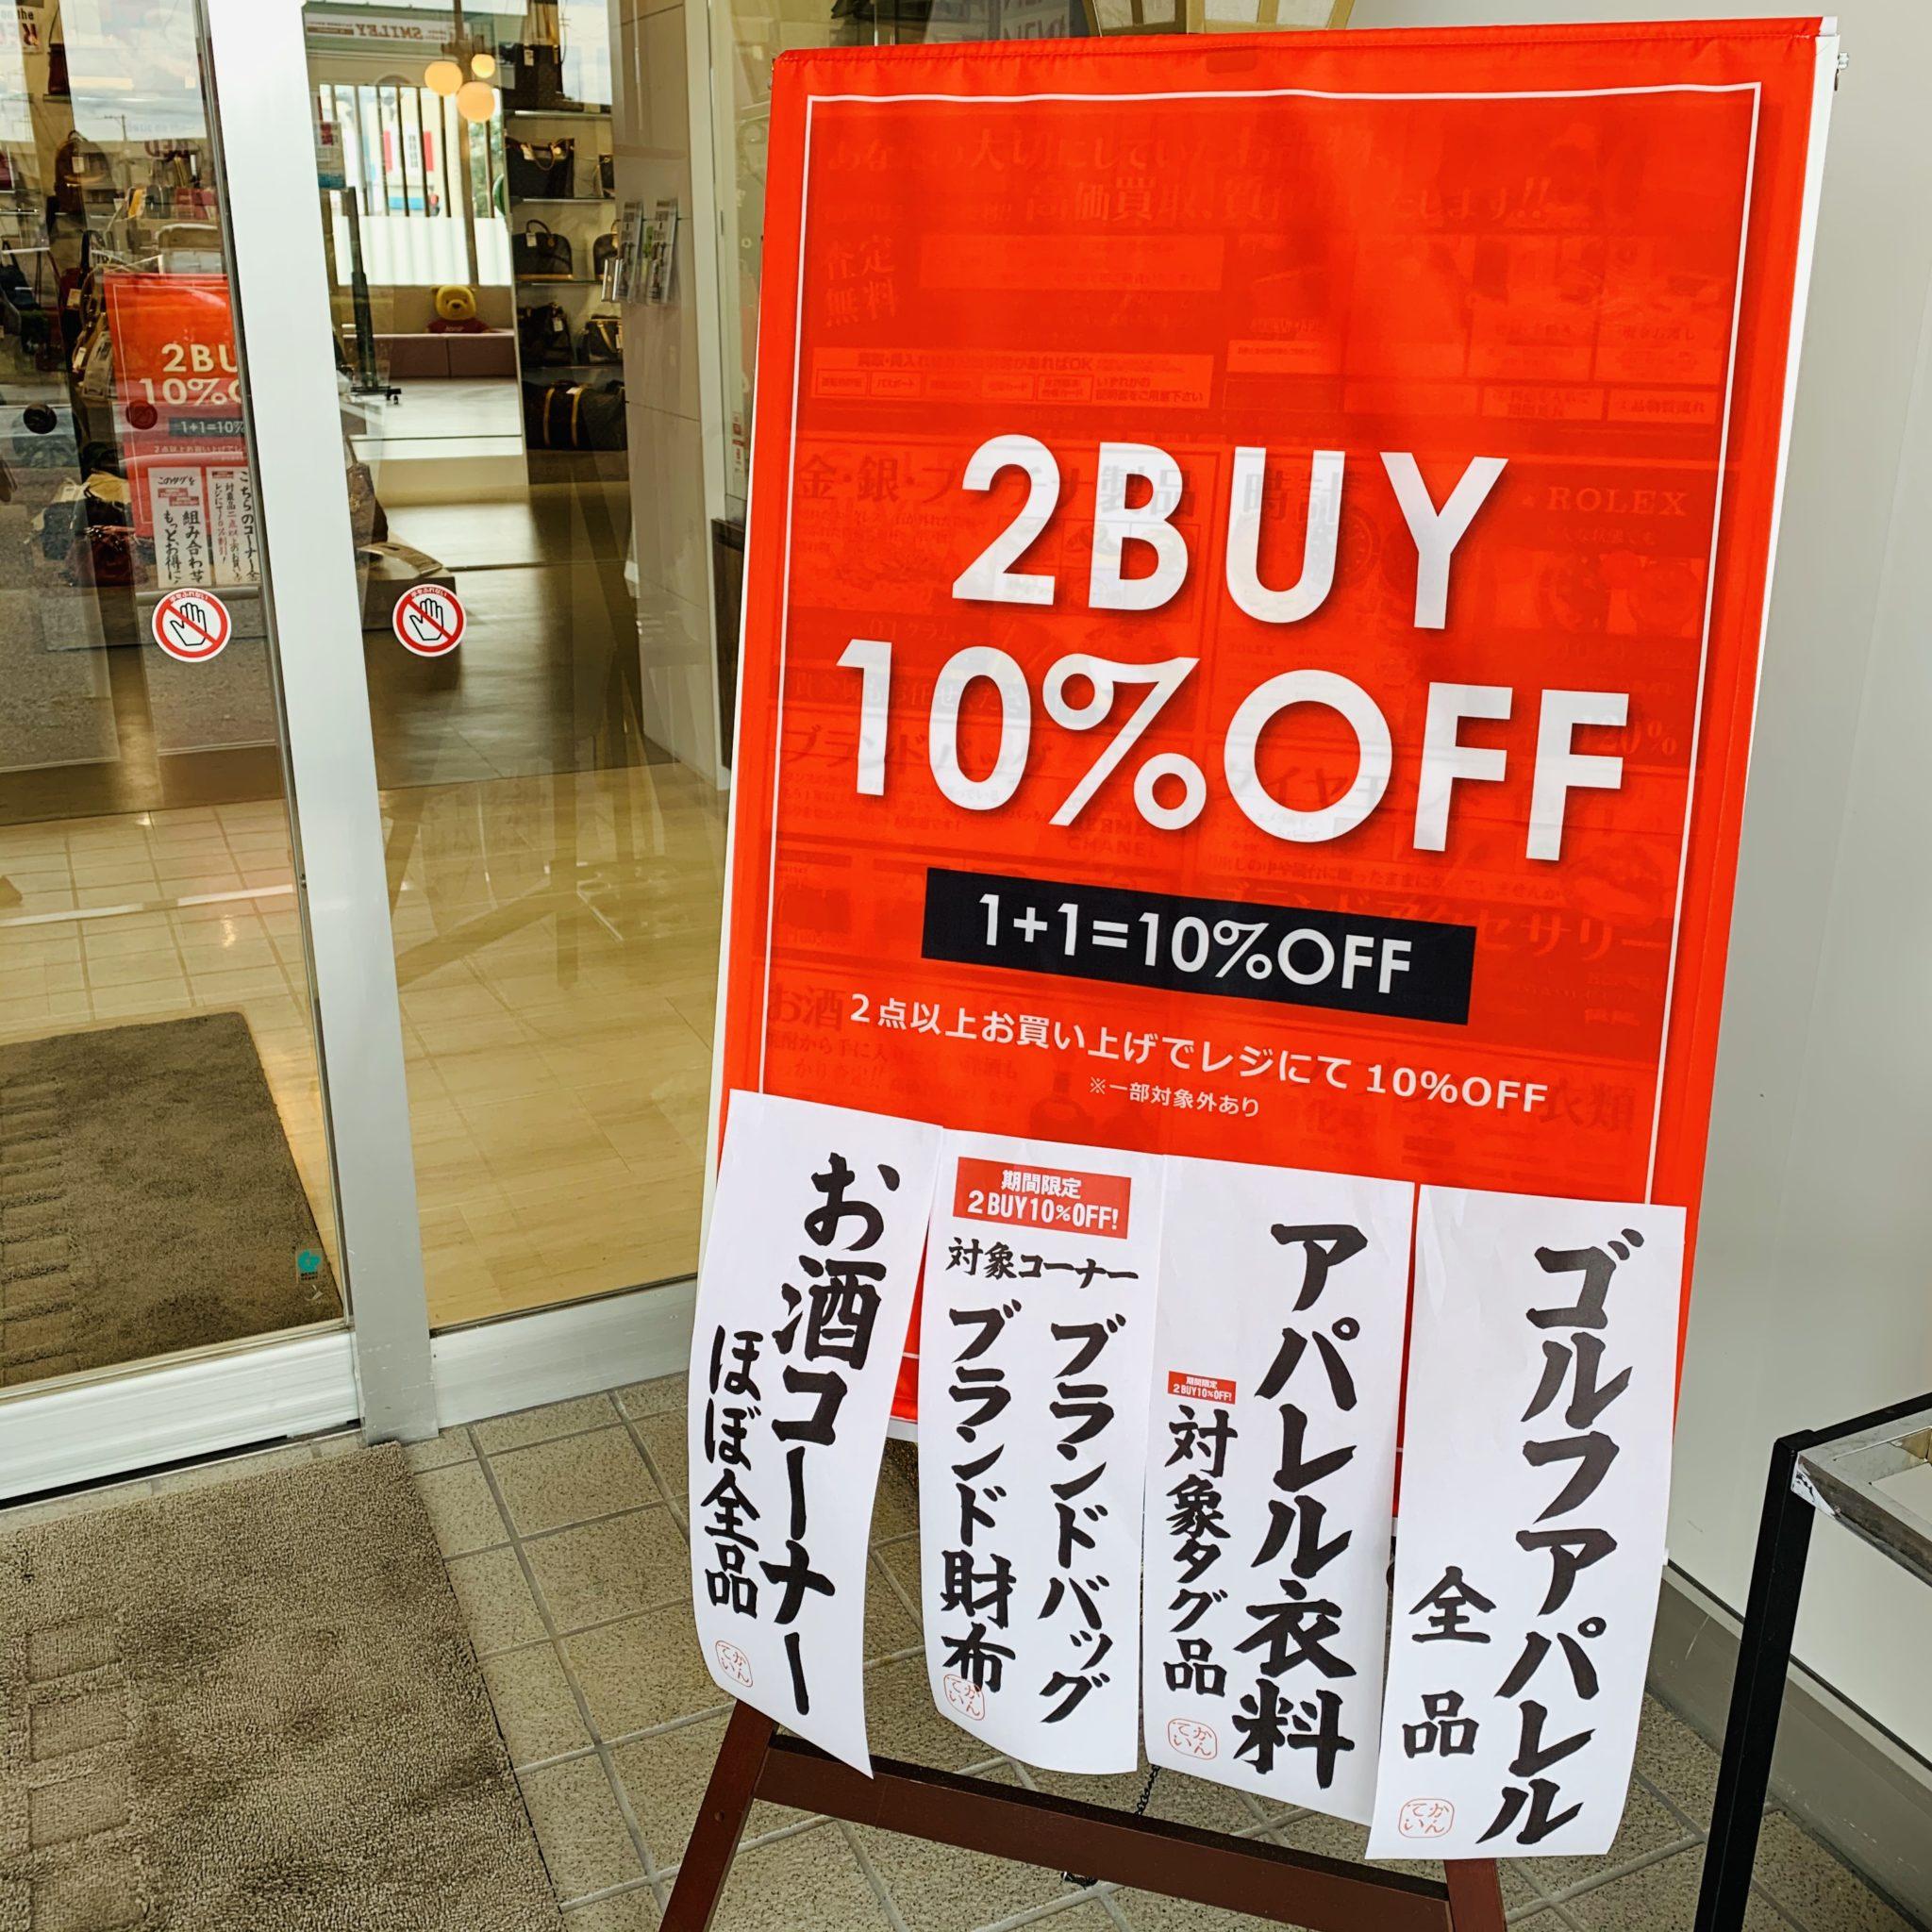 【中古 販売 盛岡】本日8/7は質の日♡クーポンご利用で買取5%UP!!更に本日からイベント開催しております